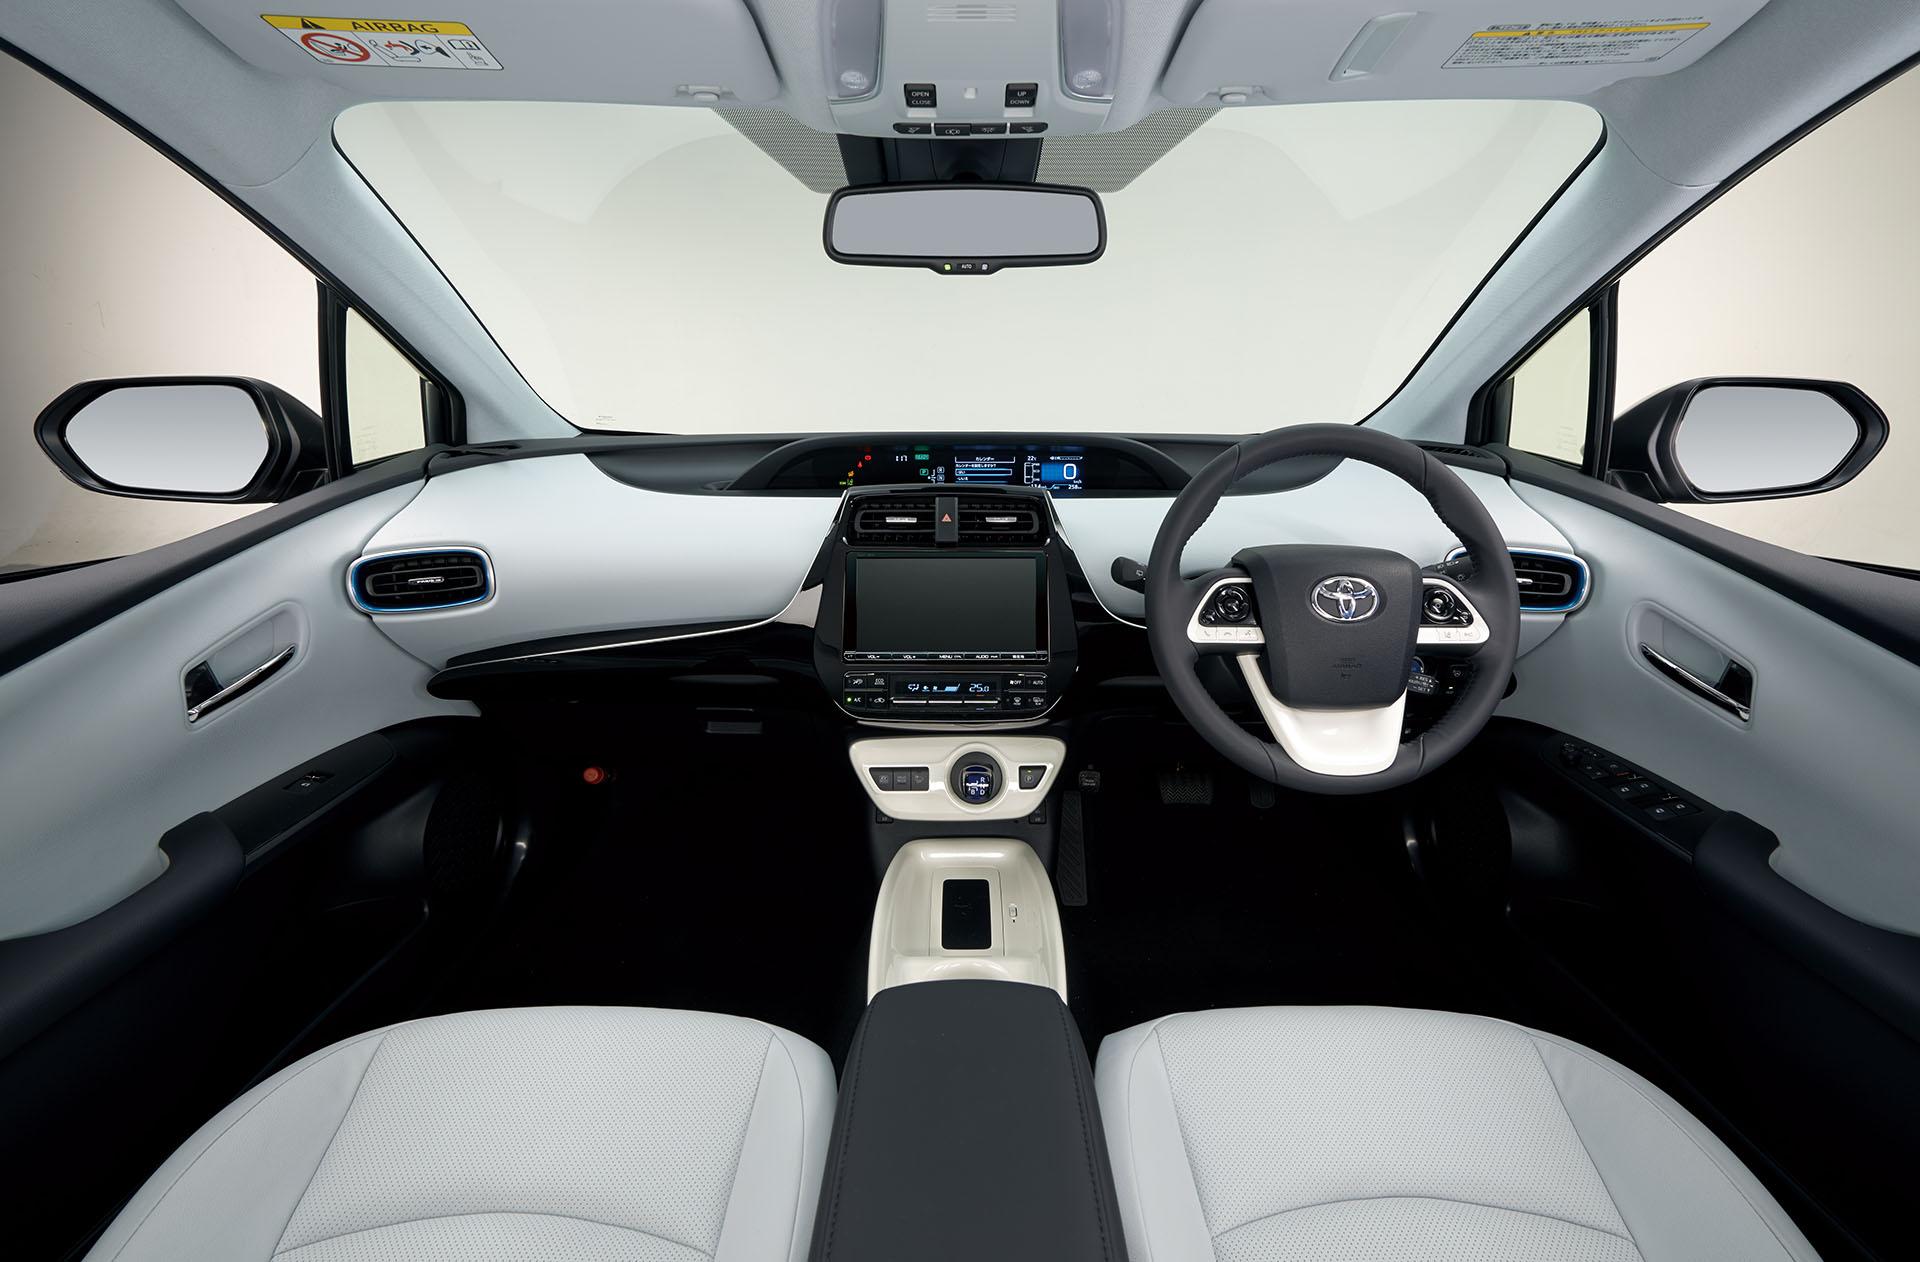 新型プリウスのインテリアは質感と快適性を向上 | New Prius 31 Clicccar Com クリッカー